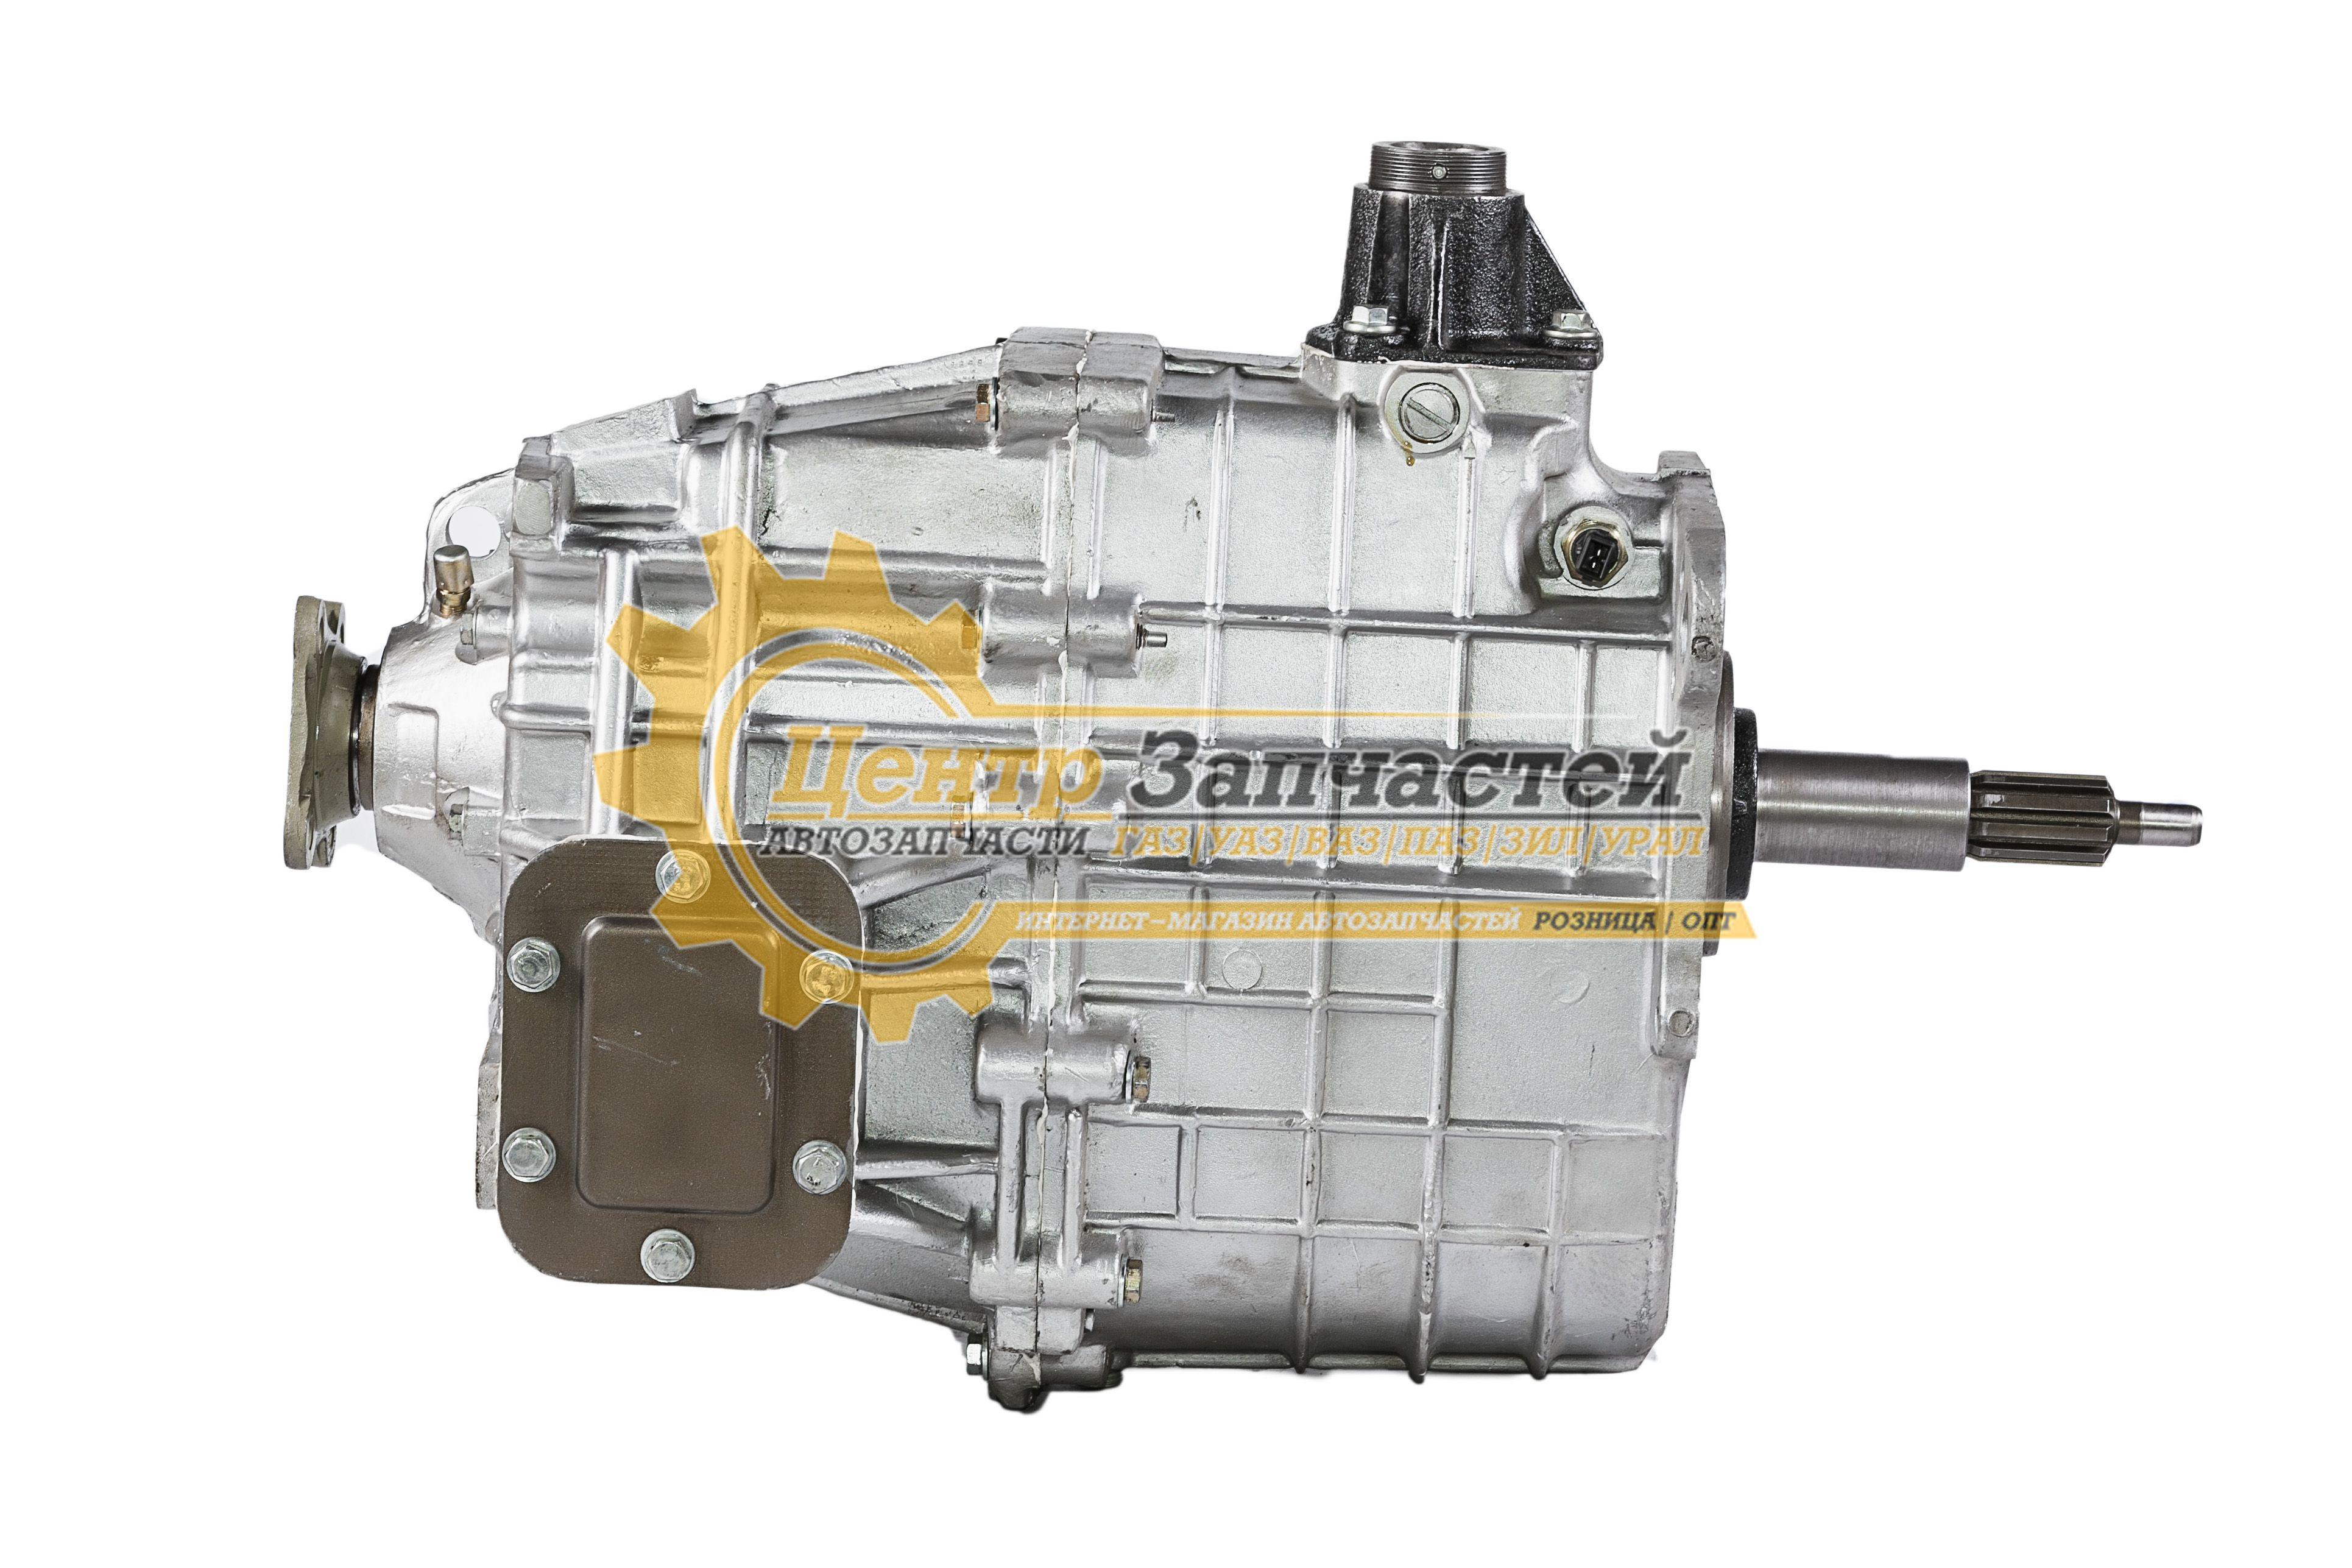 Коробка передач Валдай с ДВ. Д-245 ГАЗ-33104 КПП Валдай . Артикул 33104-1700010.